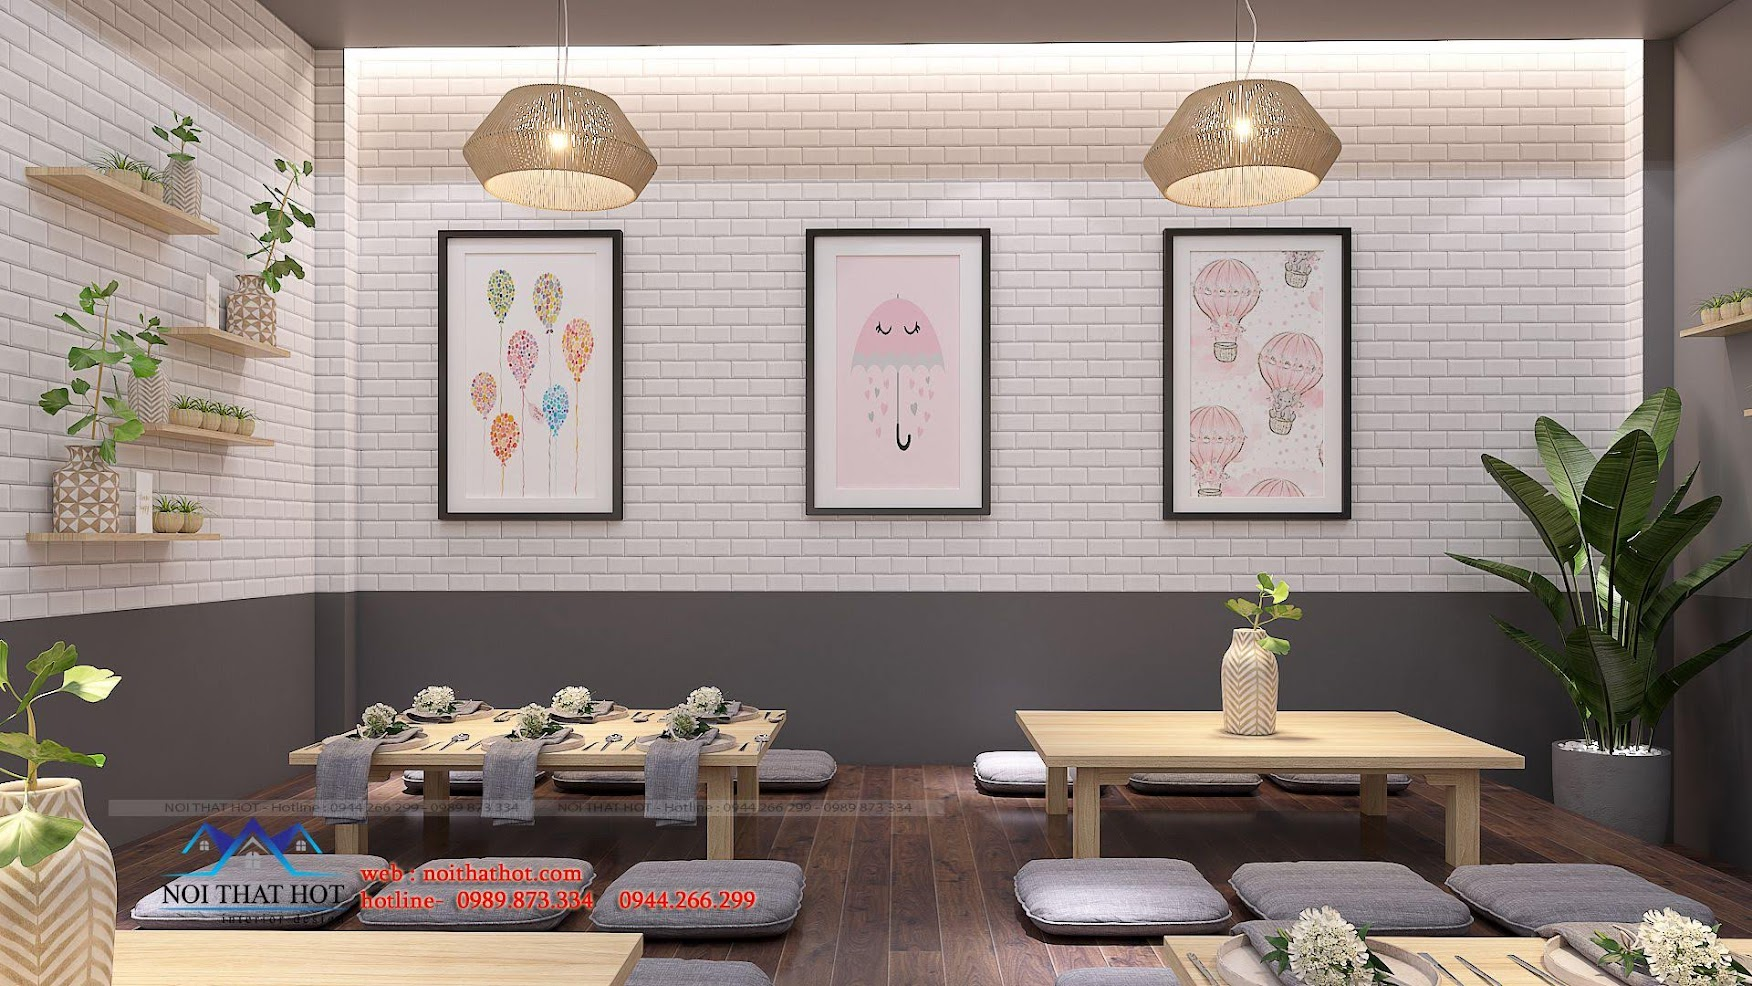 thiết kế nhà hàng trường giang 17